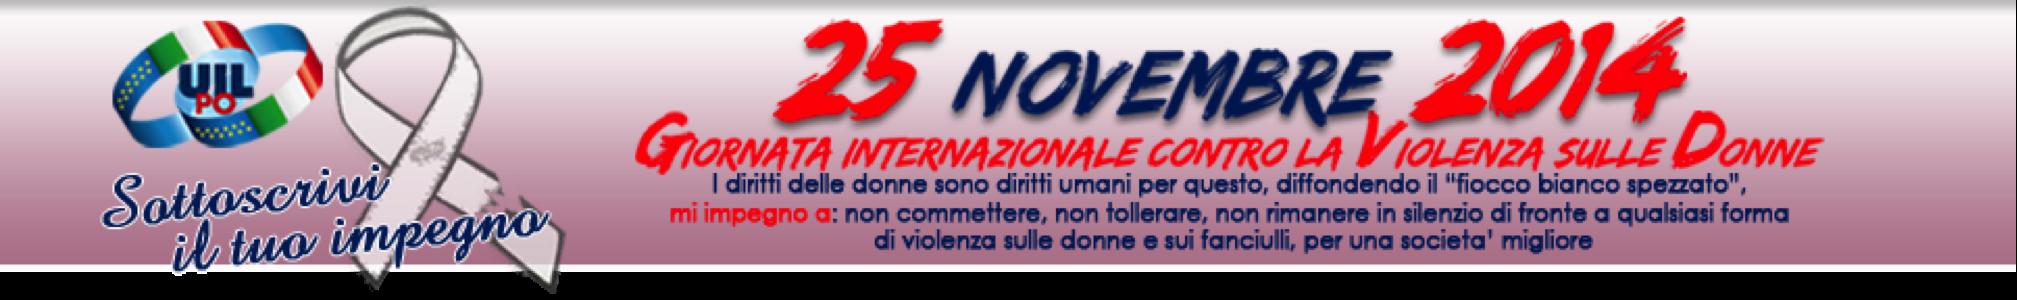 25 Novembre 2014 Giornata Internazionale contro la  Violenza sulle Donne